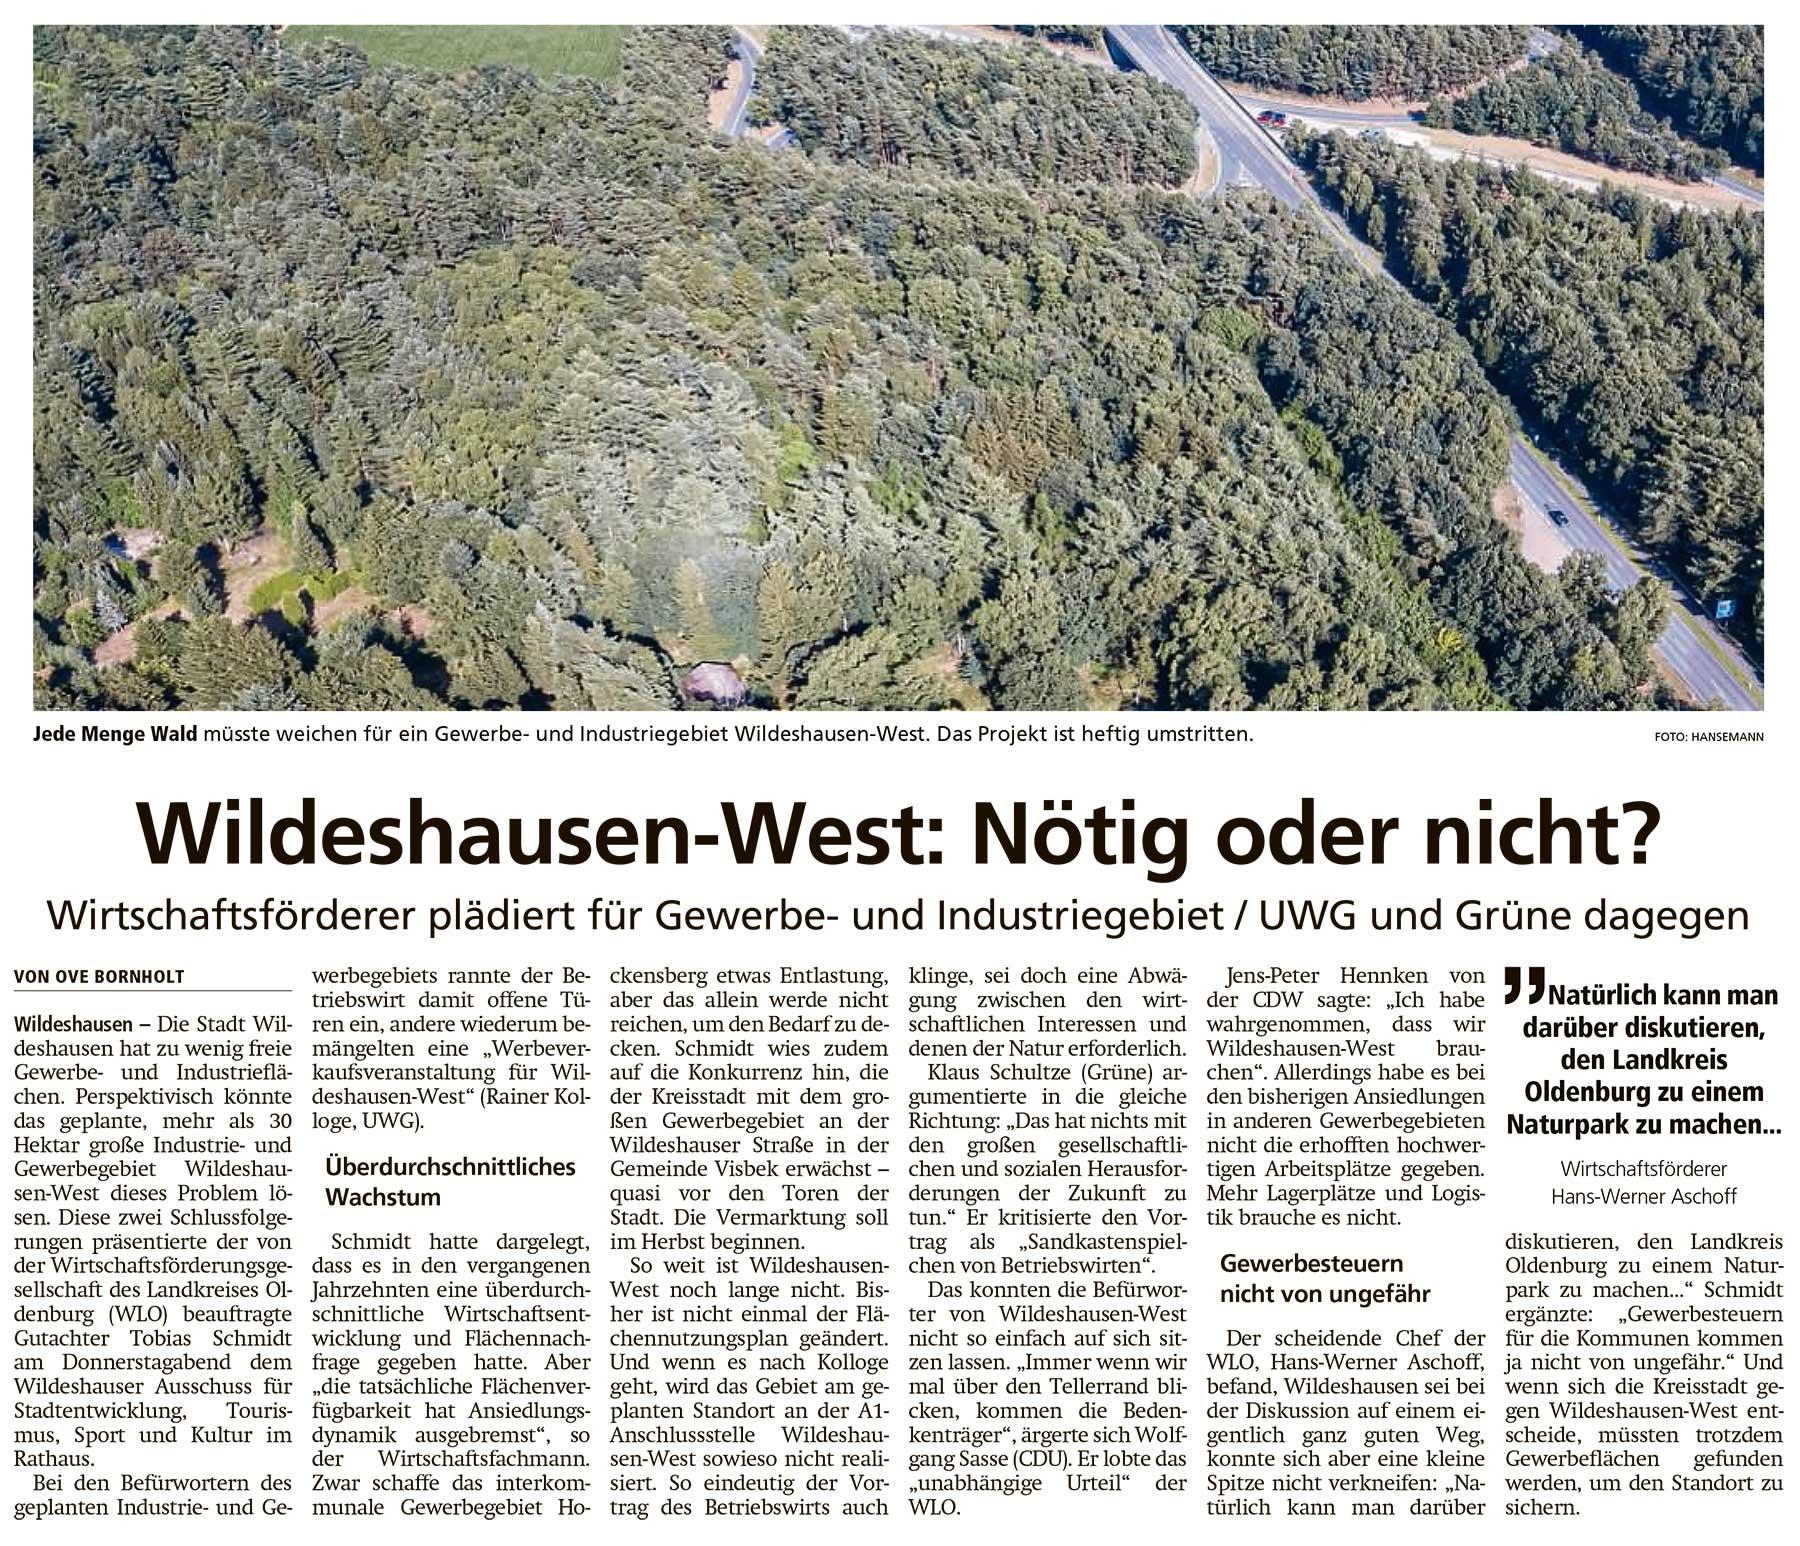 Wildeshausen-West: Nötig oder nicht?Wirtschaftsförderer plädiert für Gewerbe- und Industriegebiet / UWG und Grüne dagegenArtikel vom 21.06.2021 (WZ)